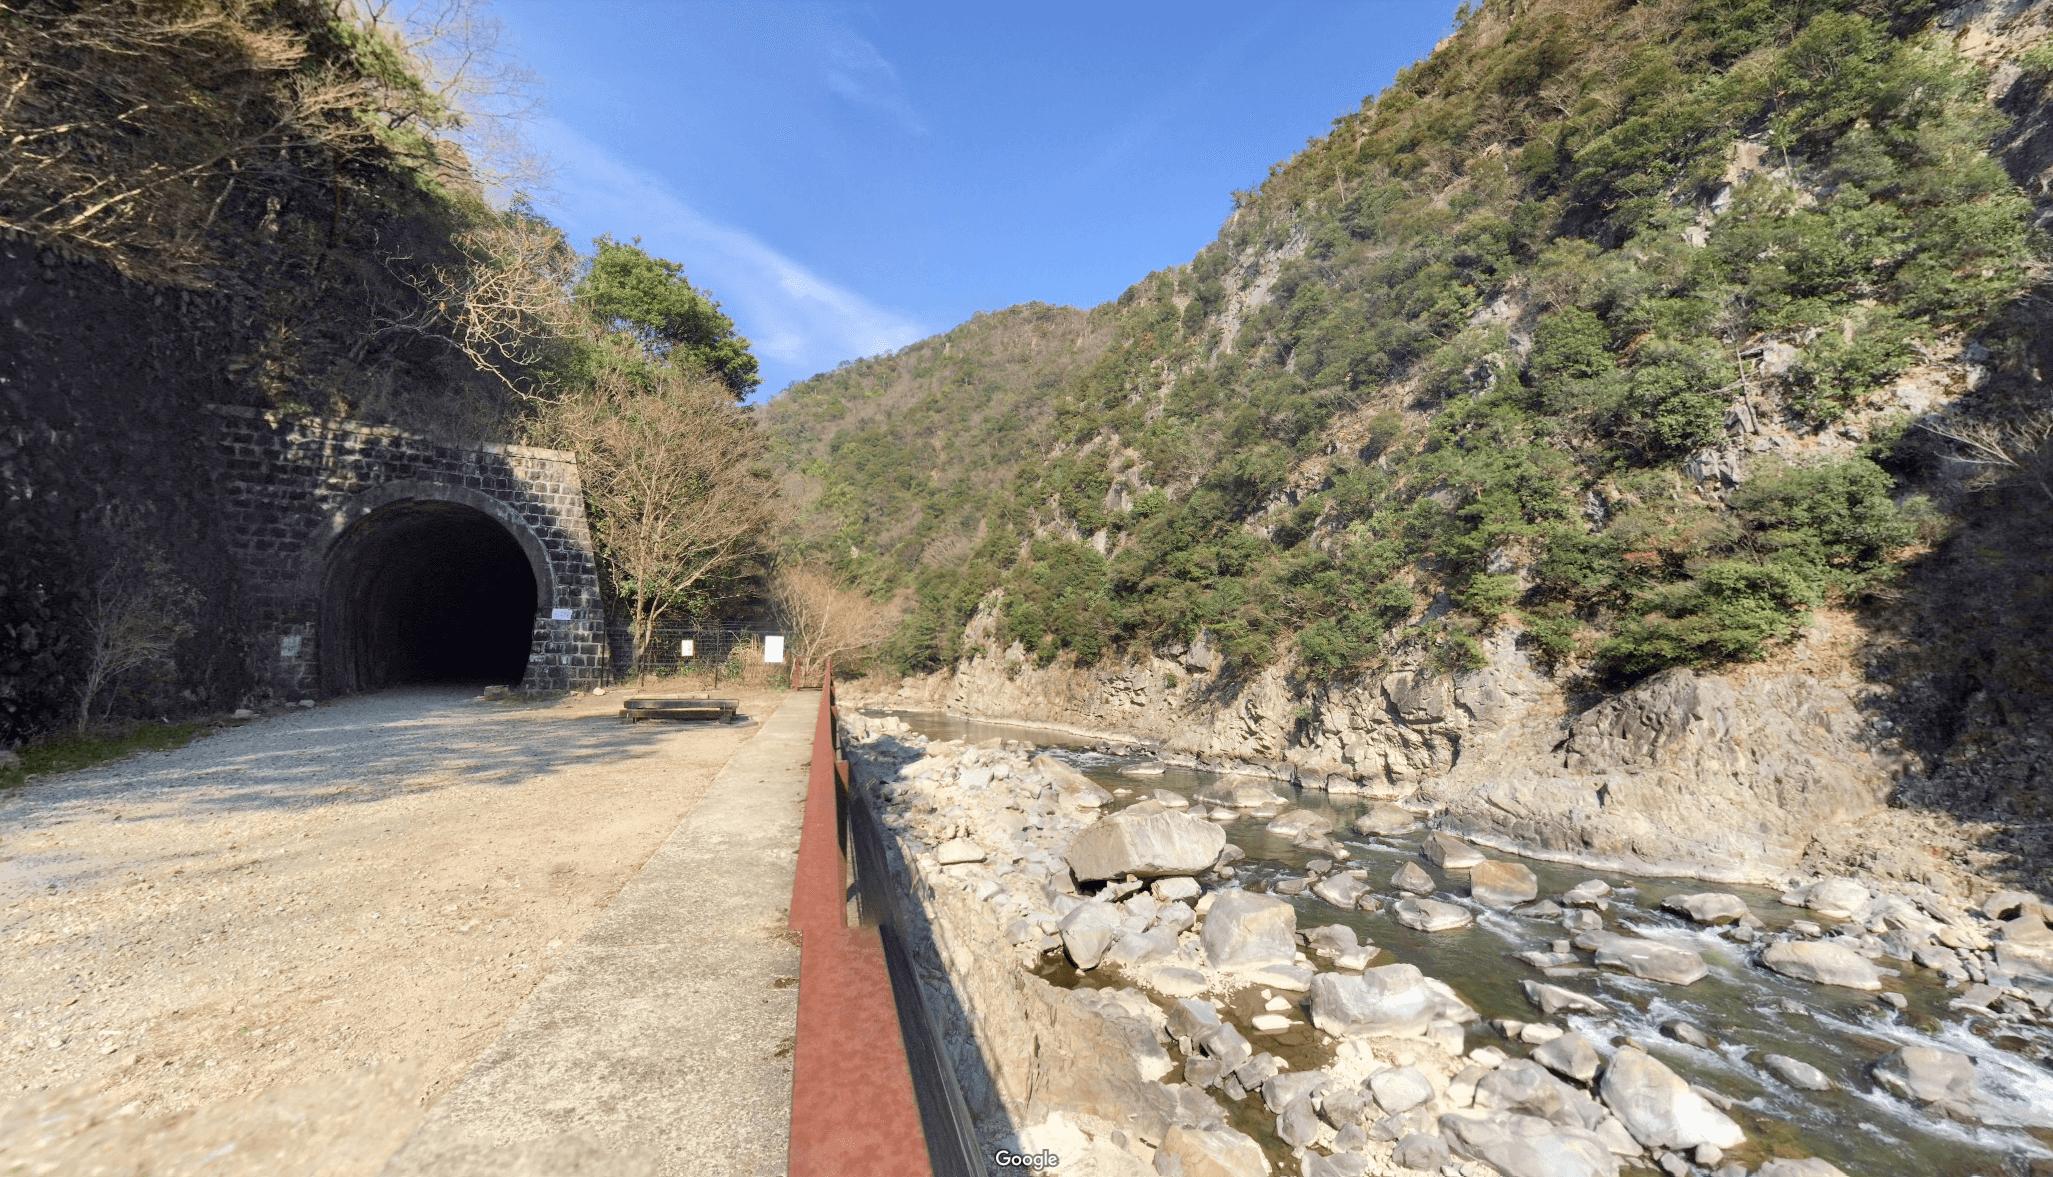 武田尾廃線敷の北山第1トンネル入口の休憩場所